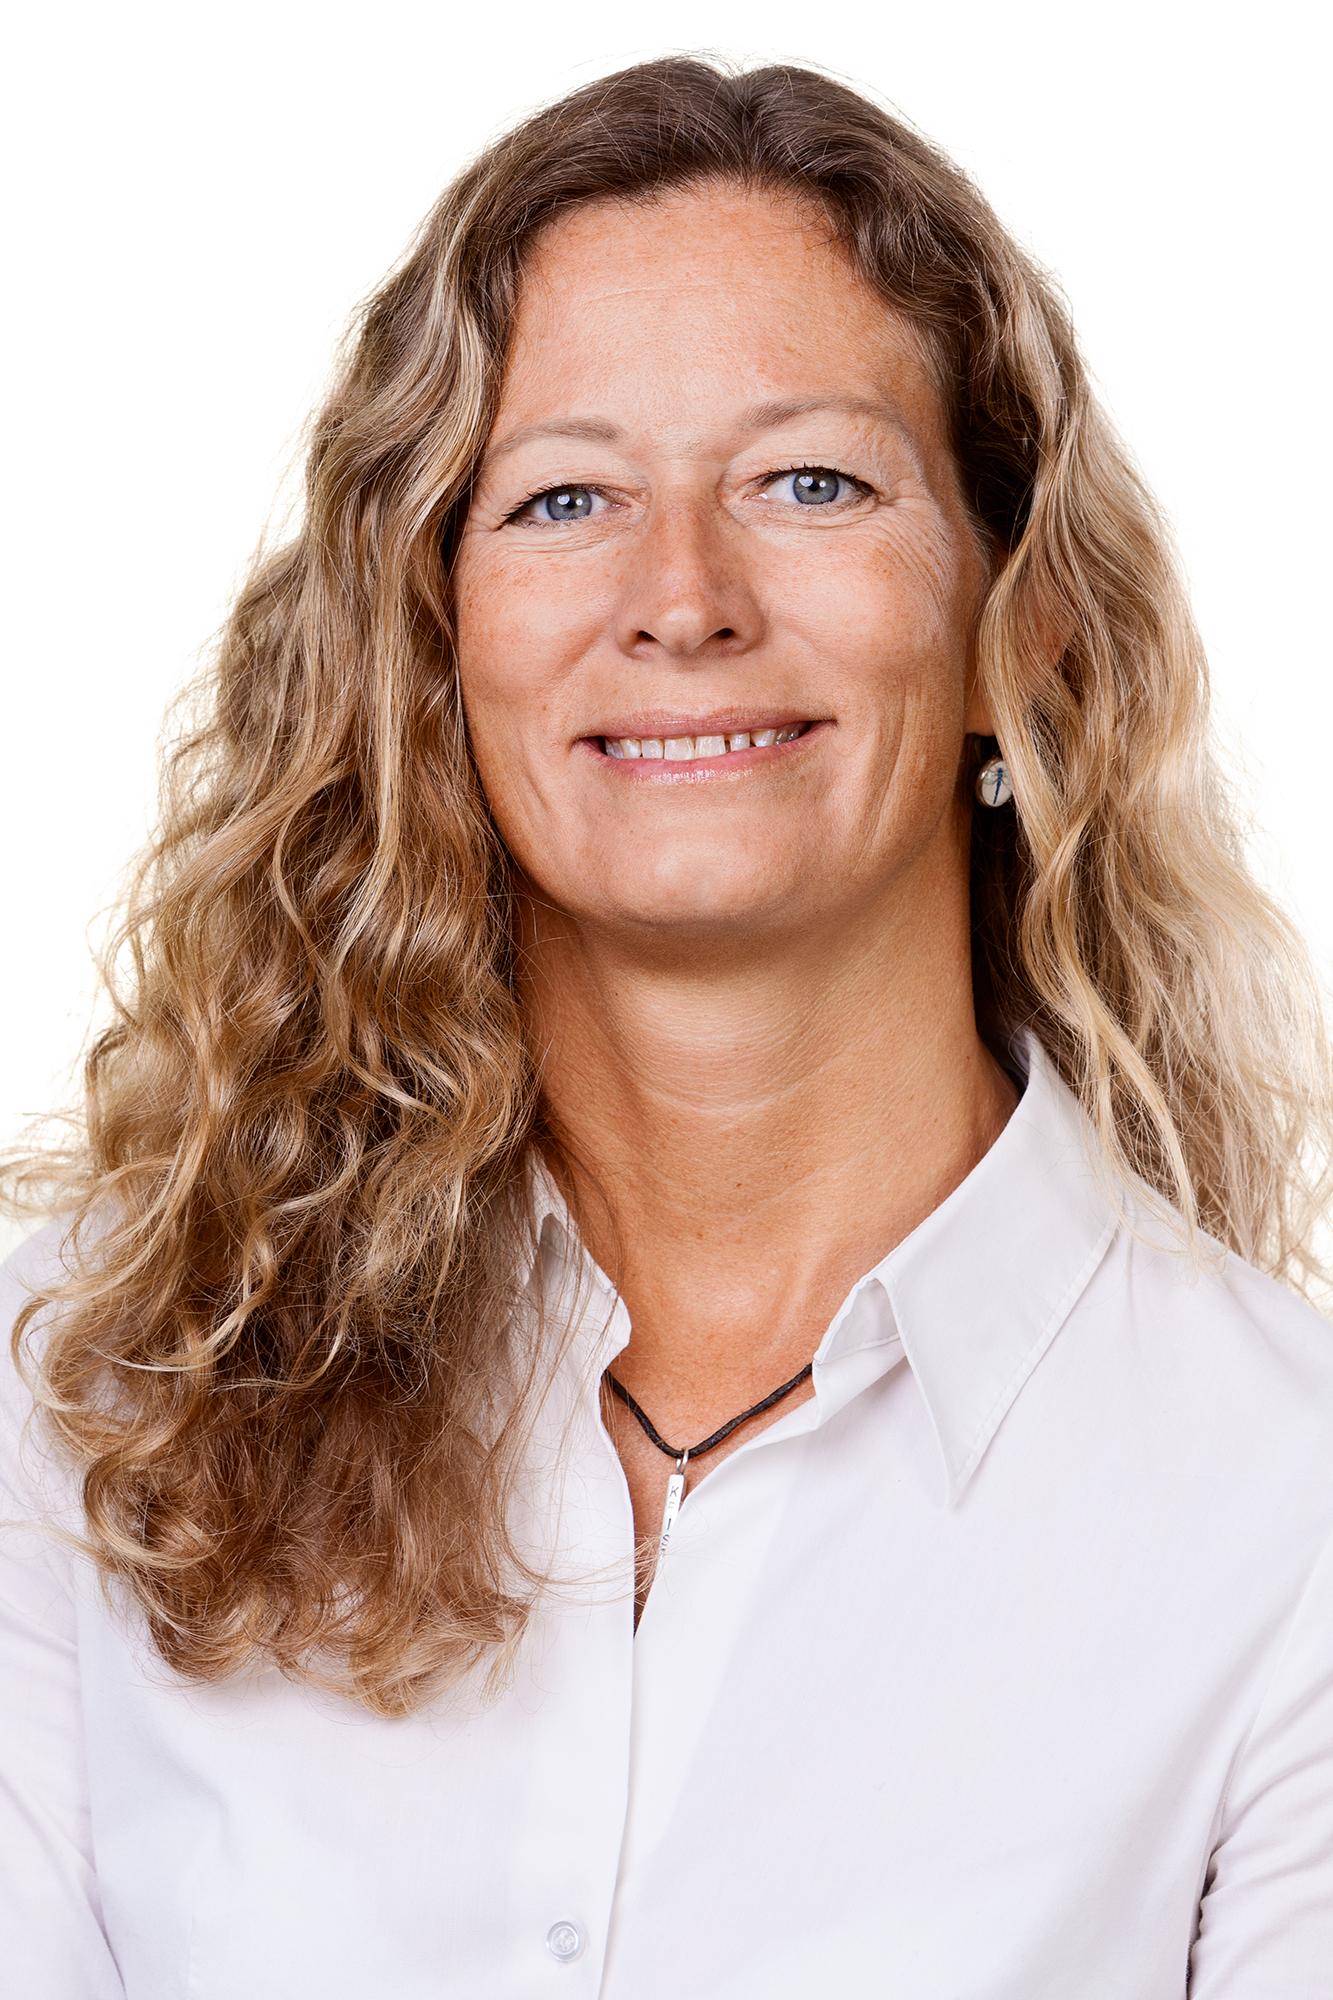 Angela Jönsson